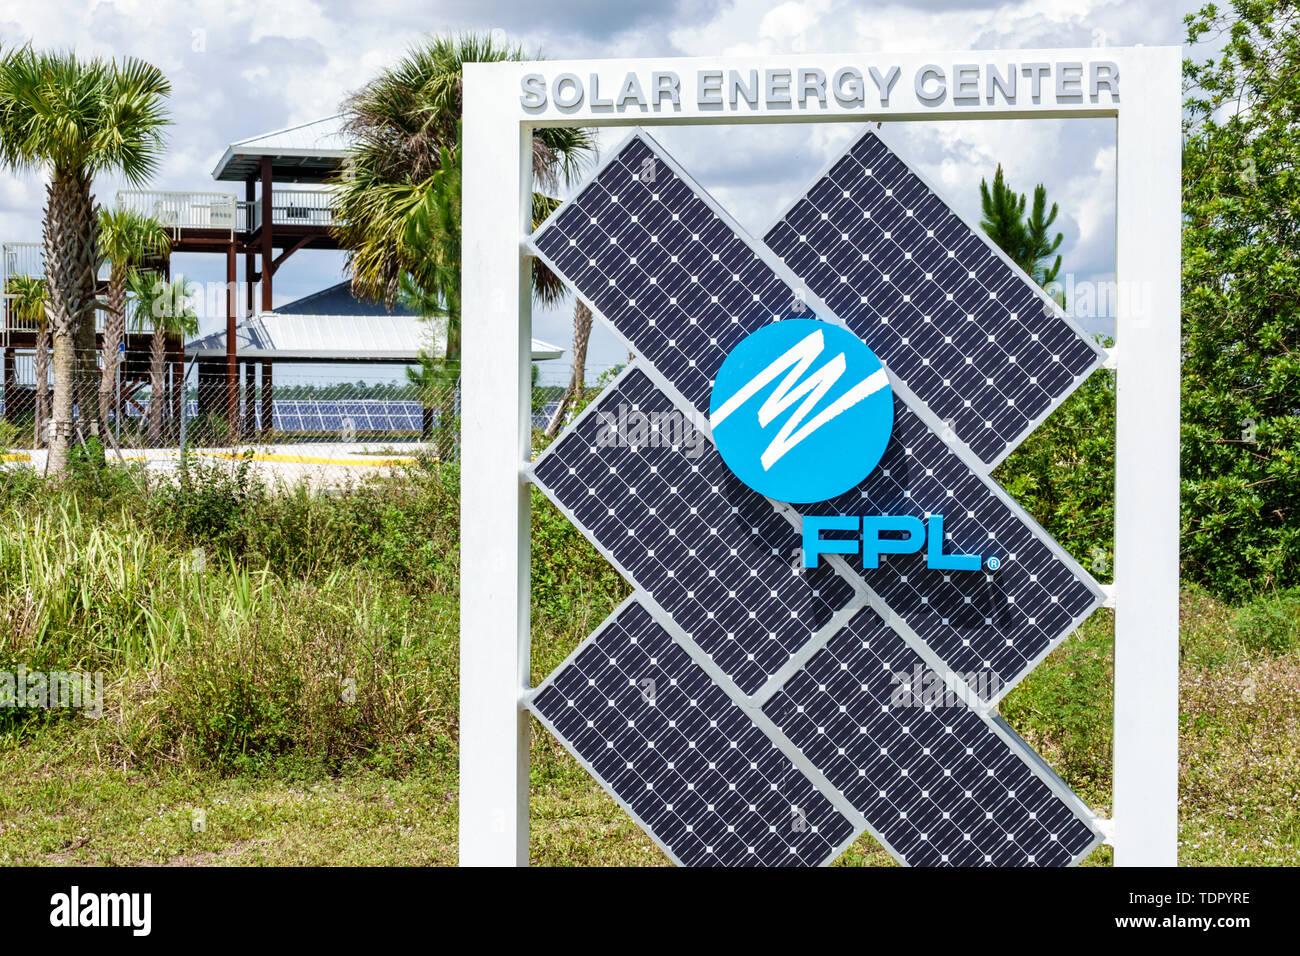 Florida Babcock Ranch comunidad planificada maestra primera ciudad solar Energía Solar FPL Centro empresa suministradora de energía renovable limpia en paneles solares finca vallada Imagen De Stock